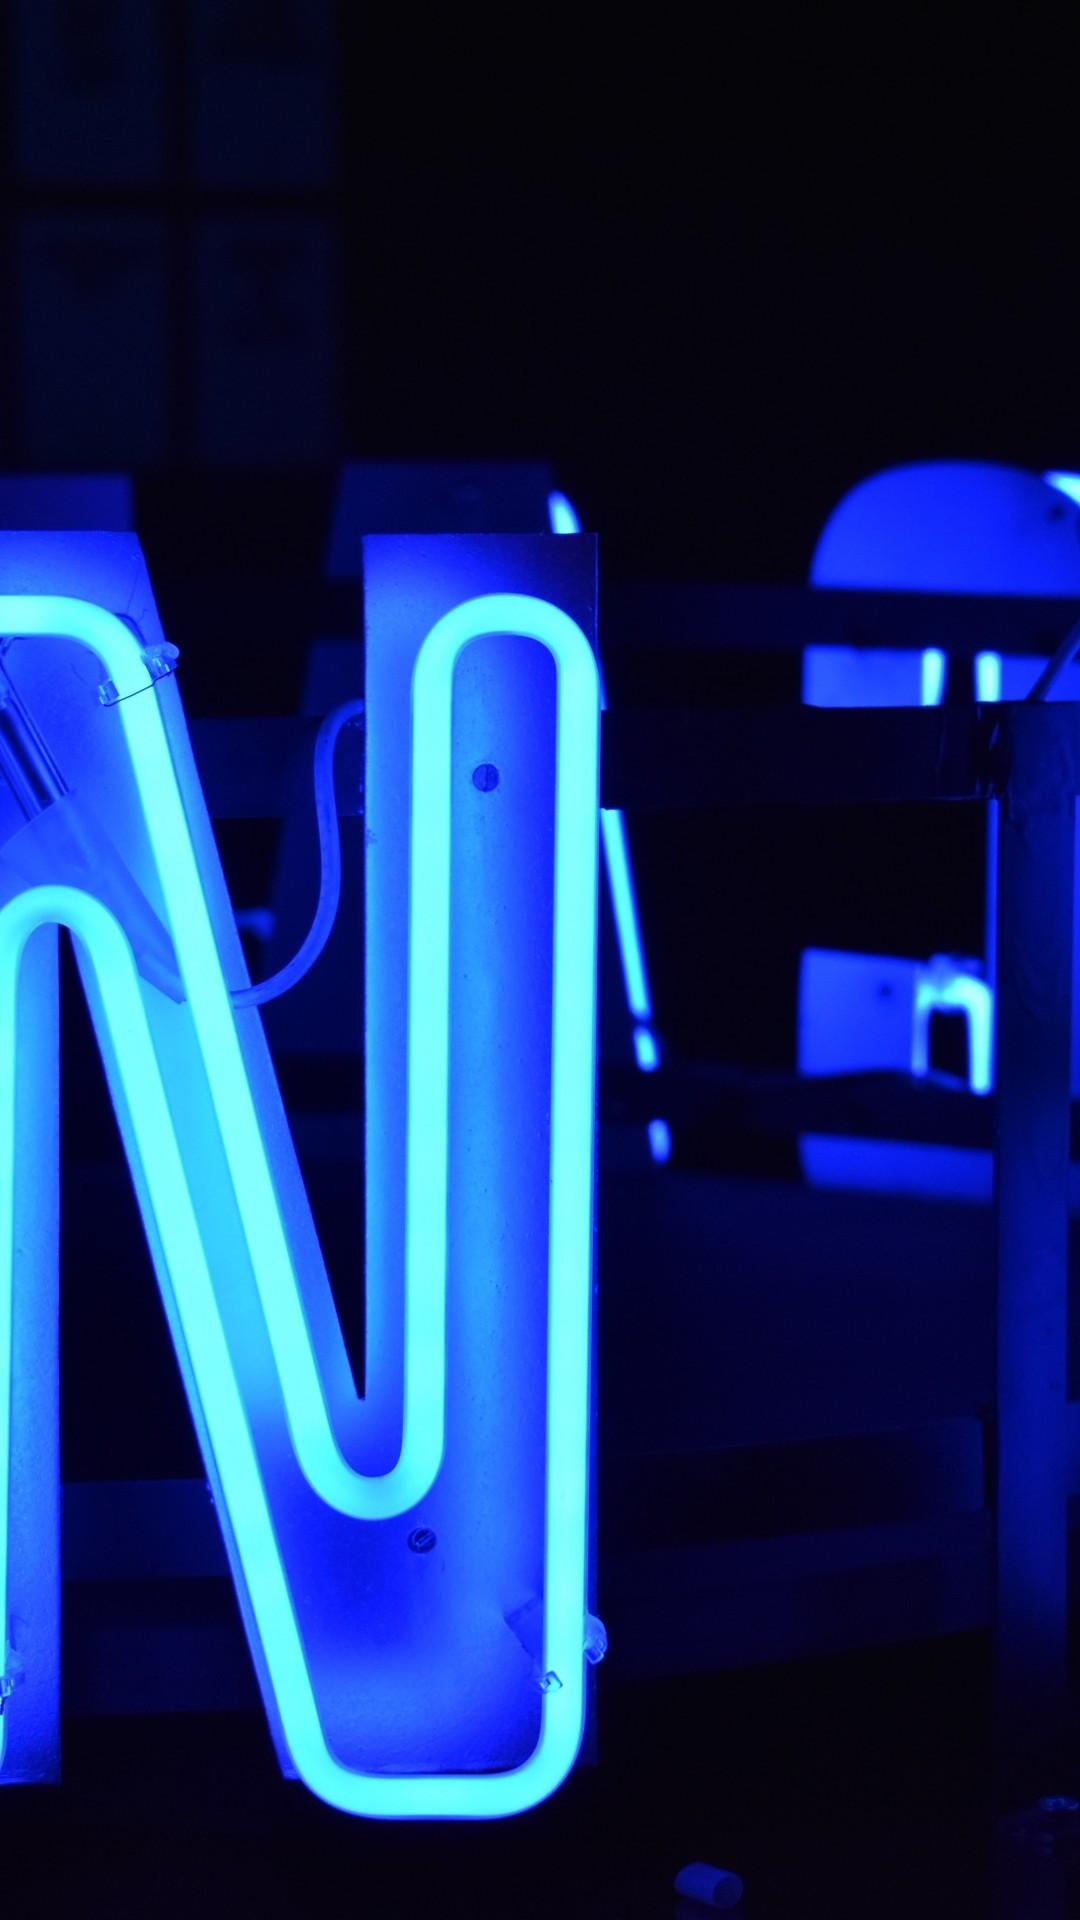 Neon Lights Iphone Wallpaper 76 Images